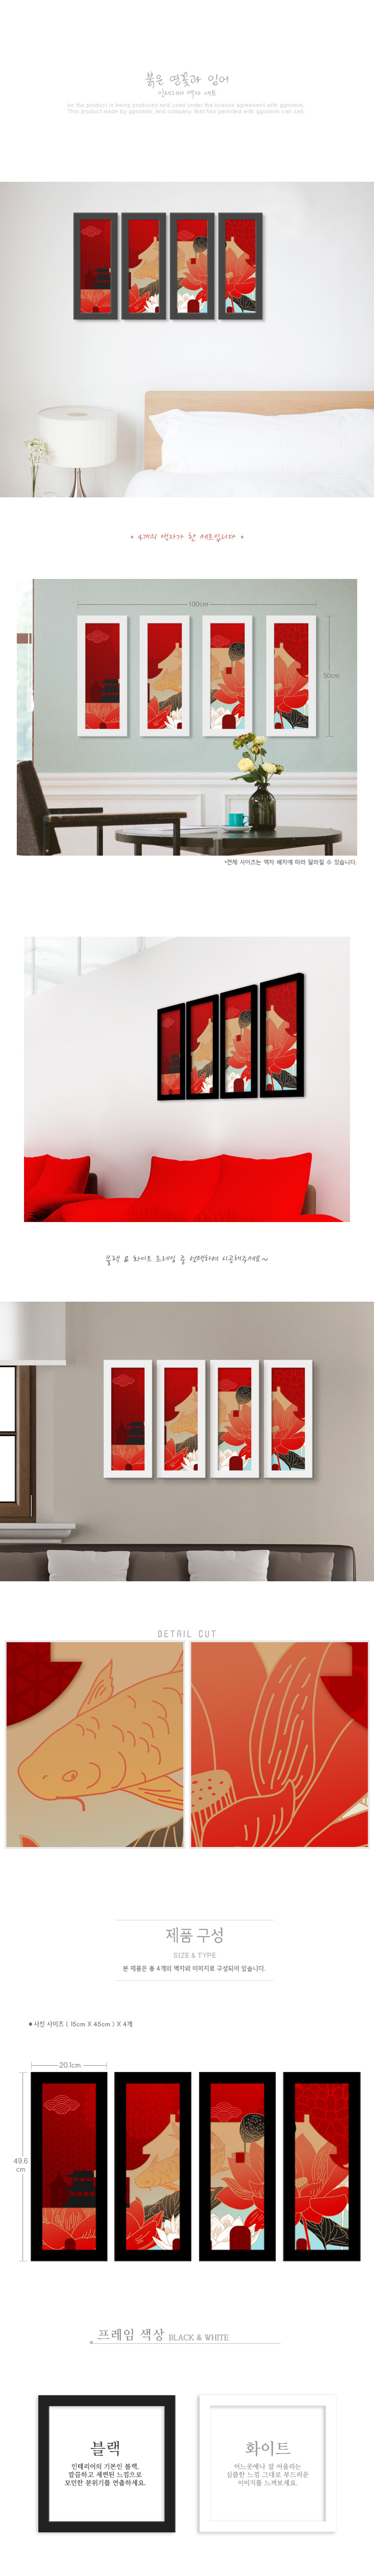 붉은연꽃과잉어_액자세트43,400원-꾸밈인테리어, 액자/홈갤러리, 홈갤러리, 사진아트바보사랑붉은연꽃과잉어_액자세트43,400원-꾸밈인테리어, 액자/홈갤러리, 홈갤러리, 사진아트바보사랑